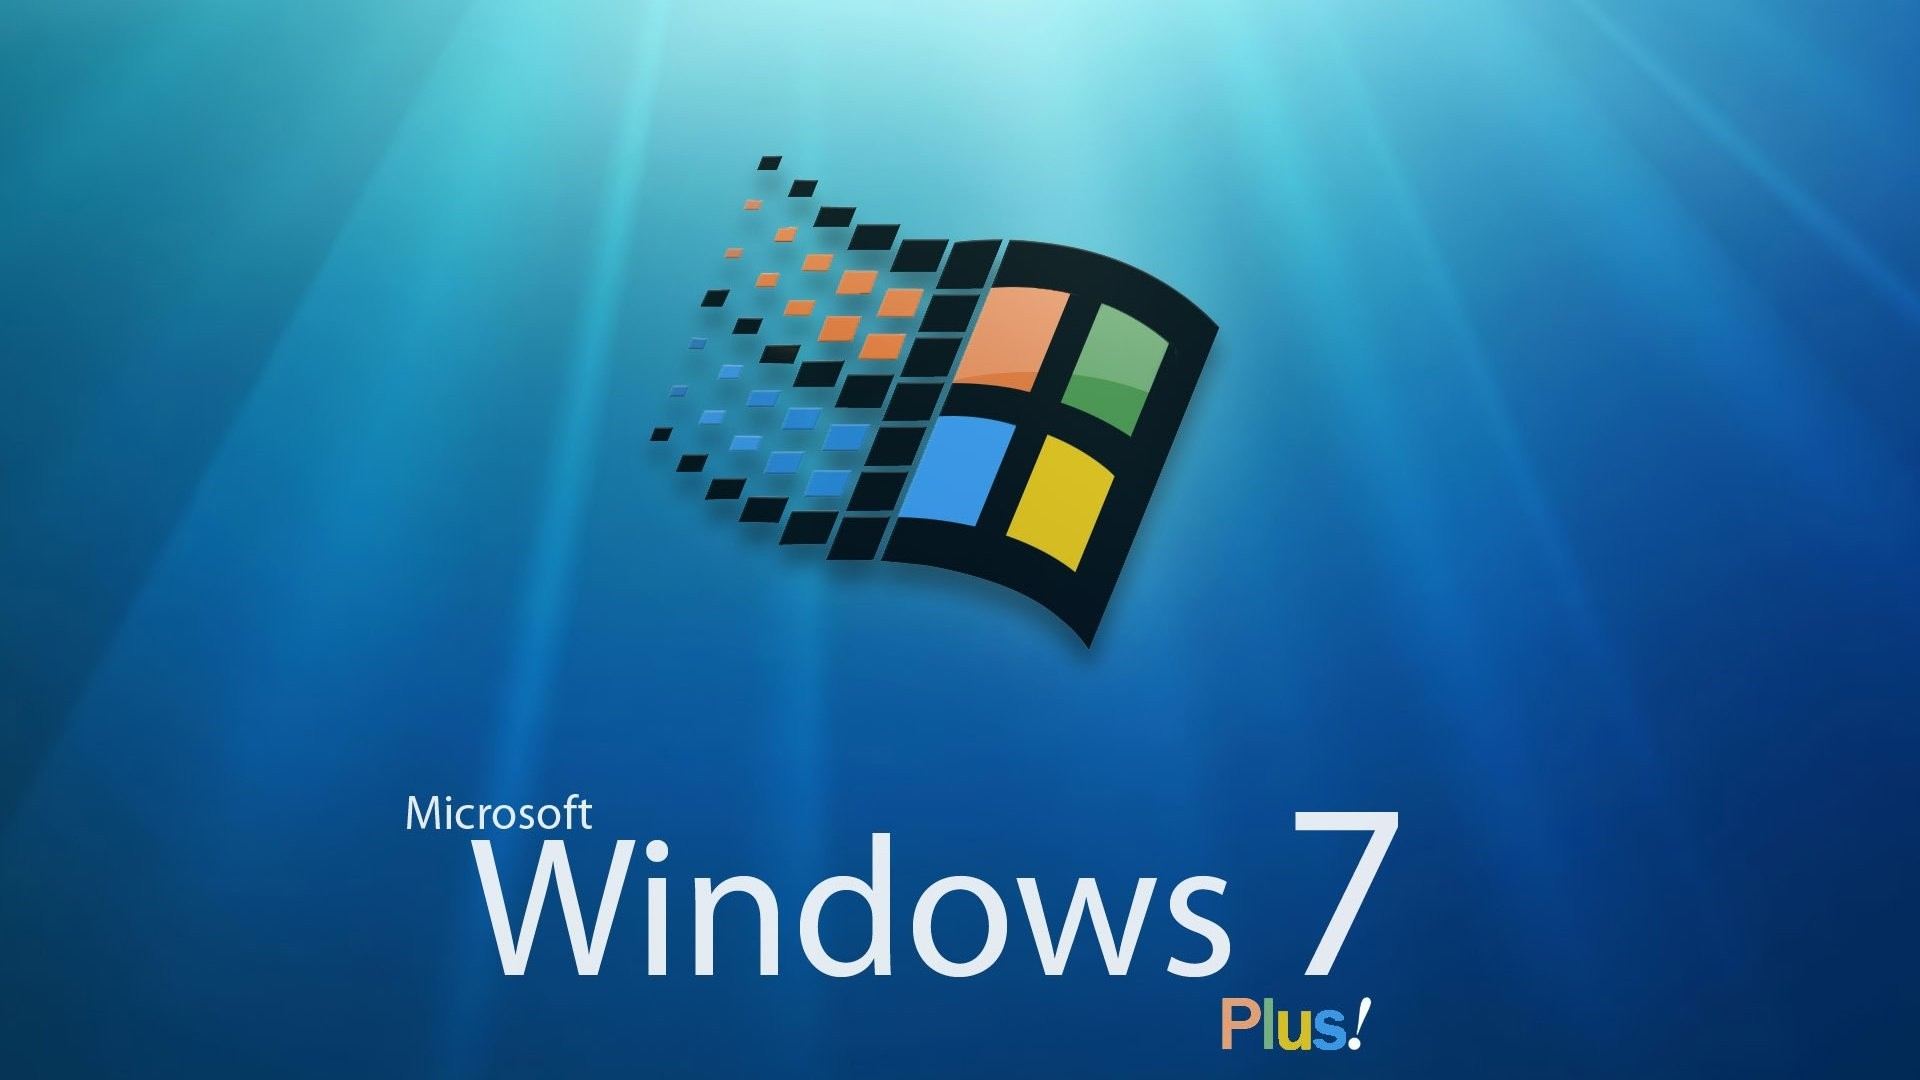 Microsoft PC Wallpaper HD